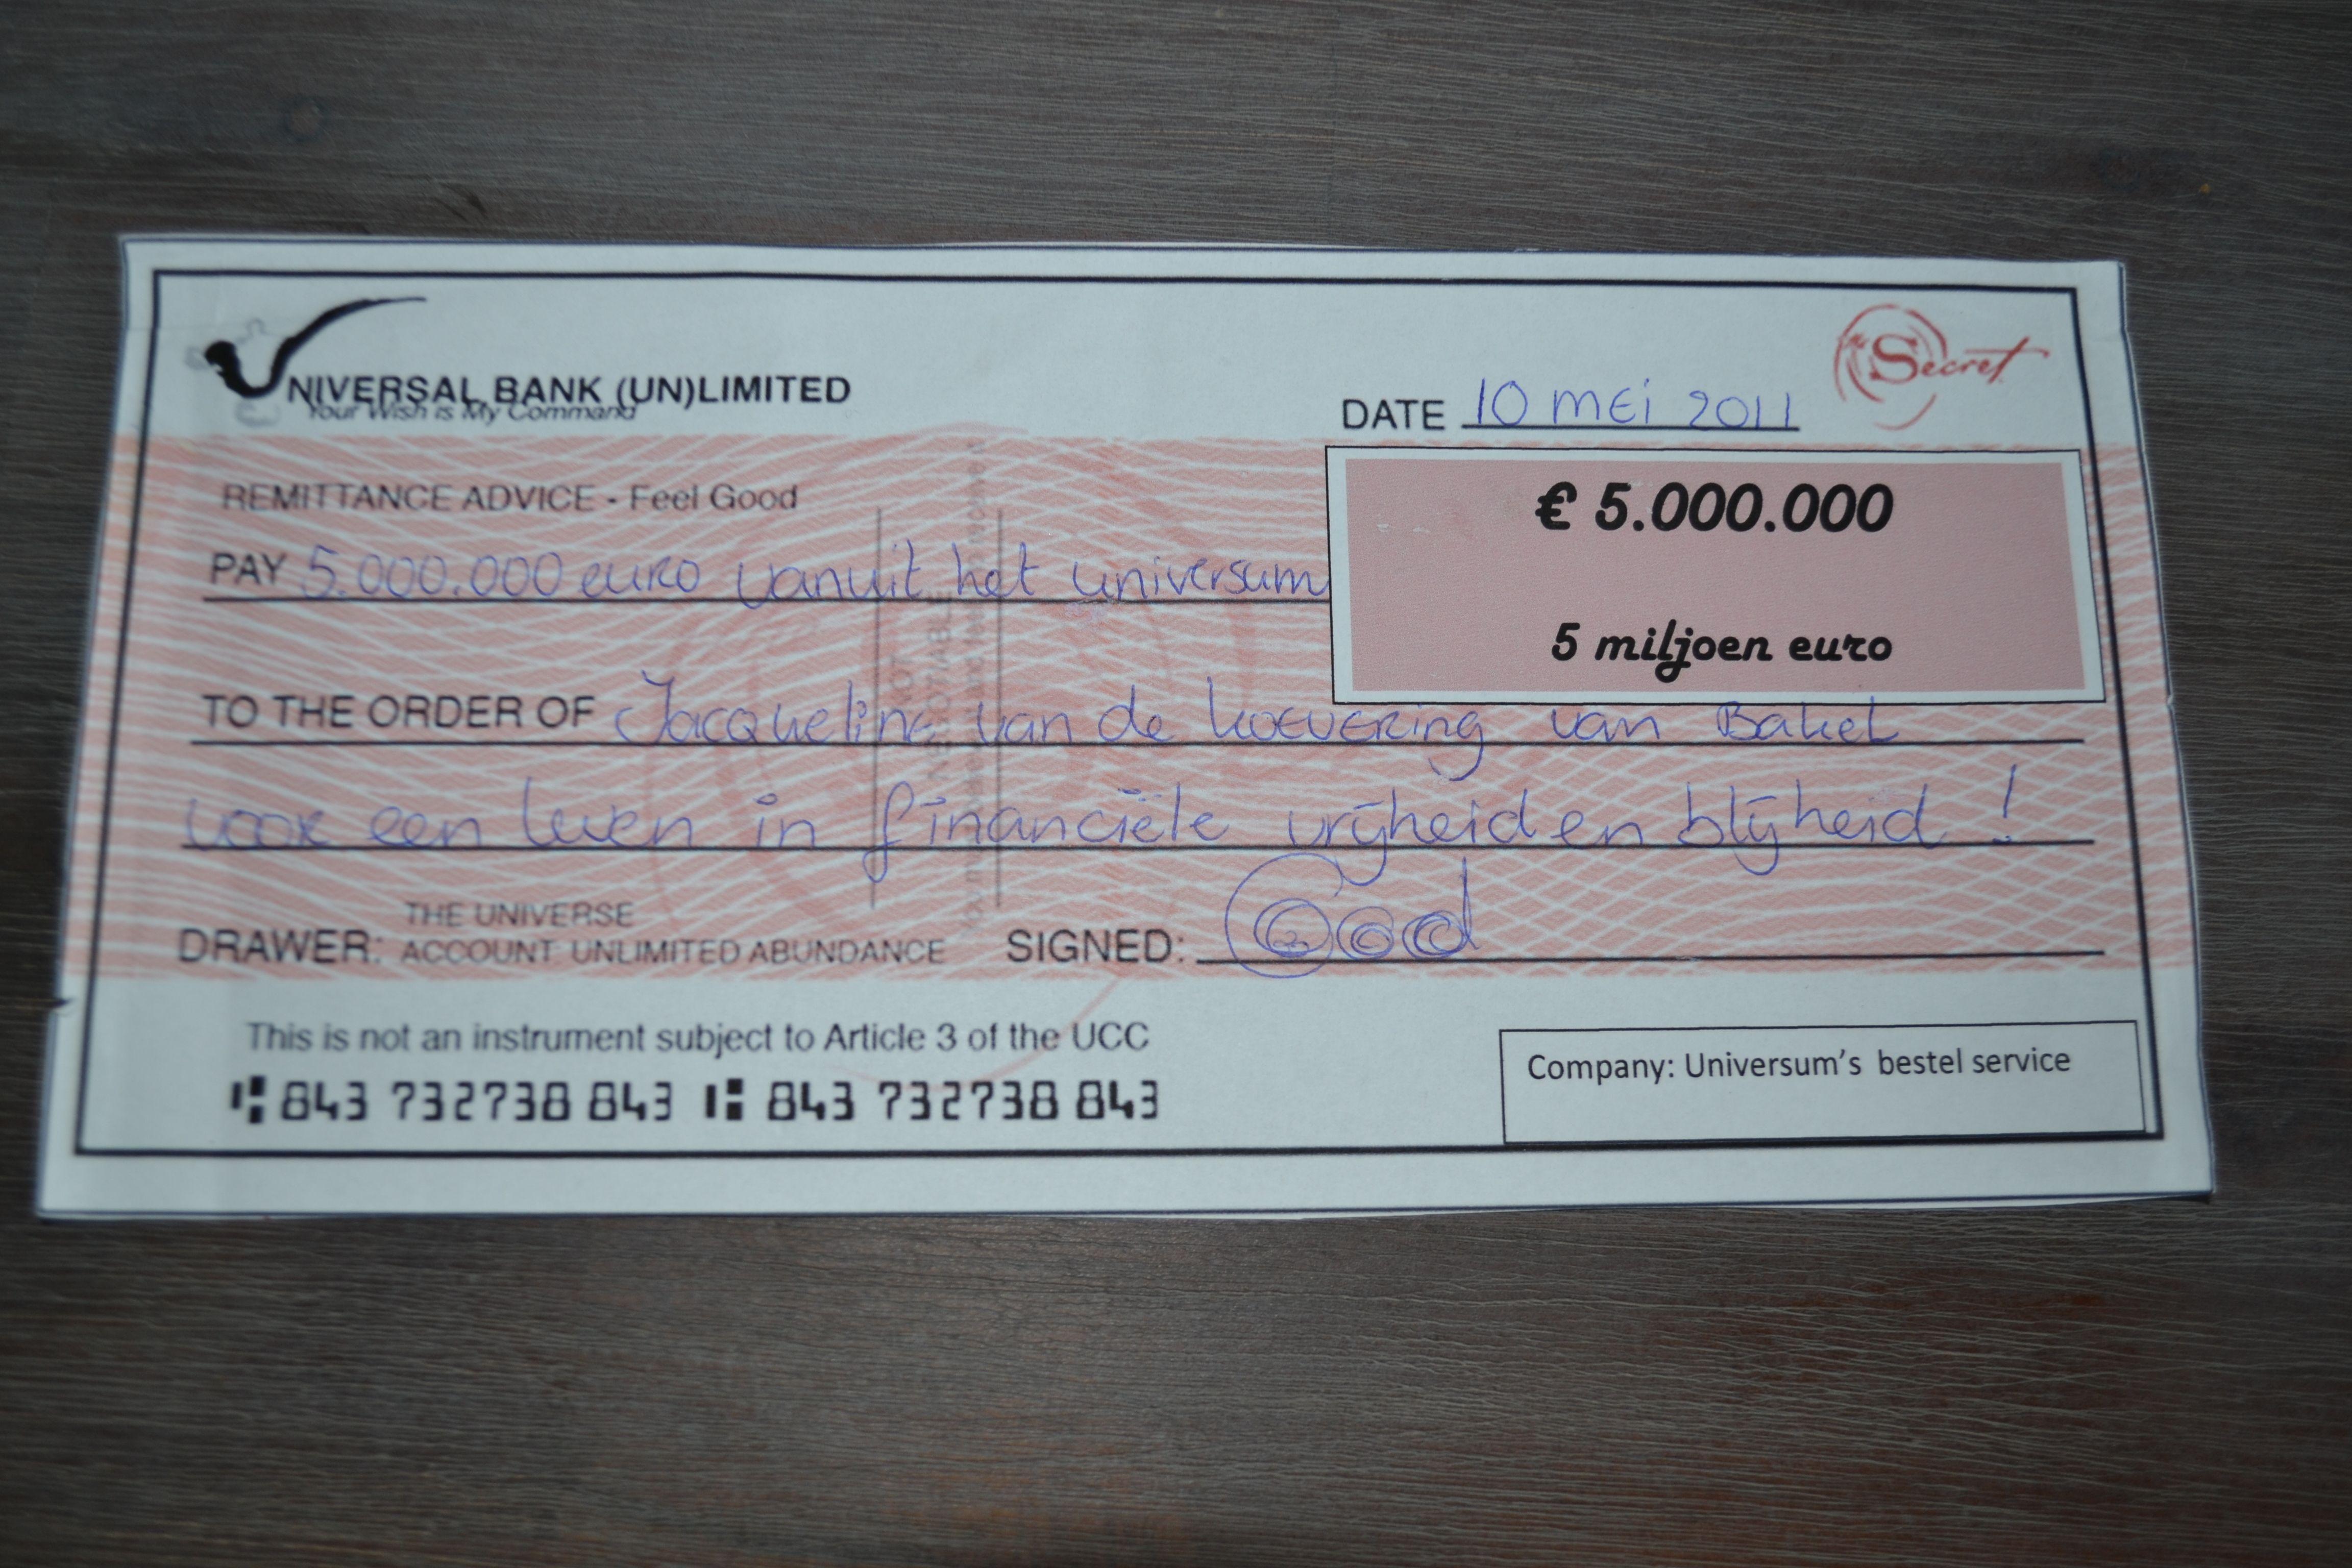 De checque met 5000.000 euro die ik ontvangen heb van het universum, vrij te besteden door mij, jippie!!!